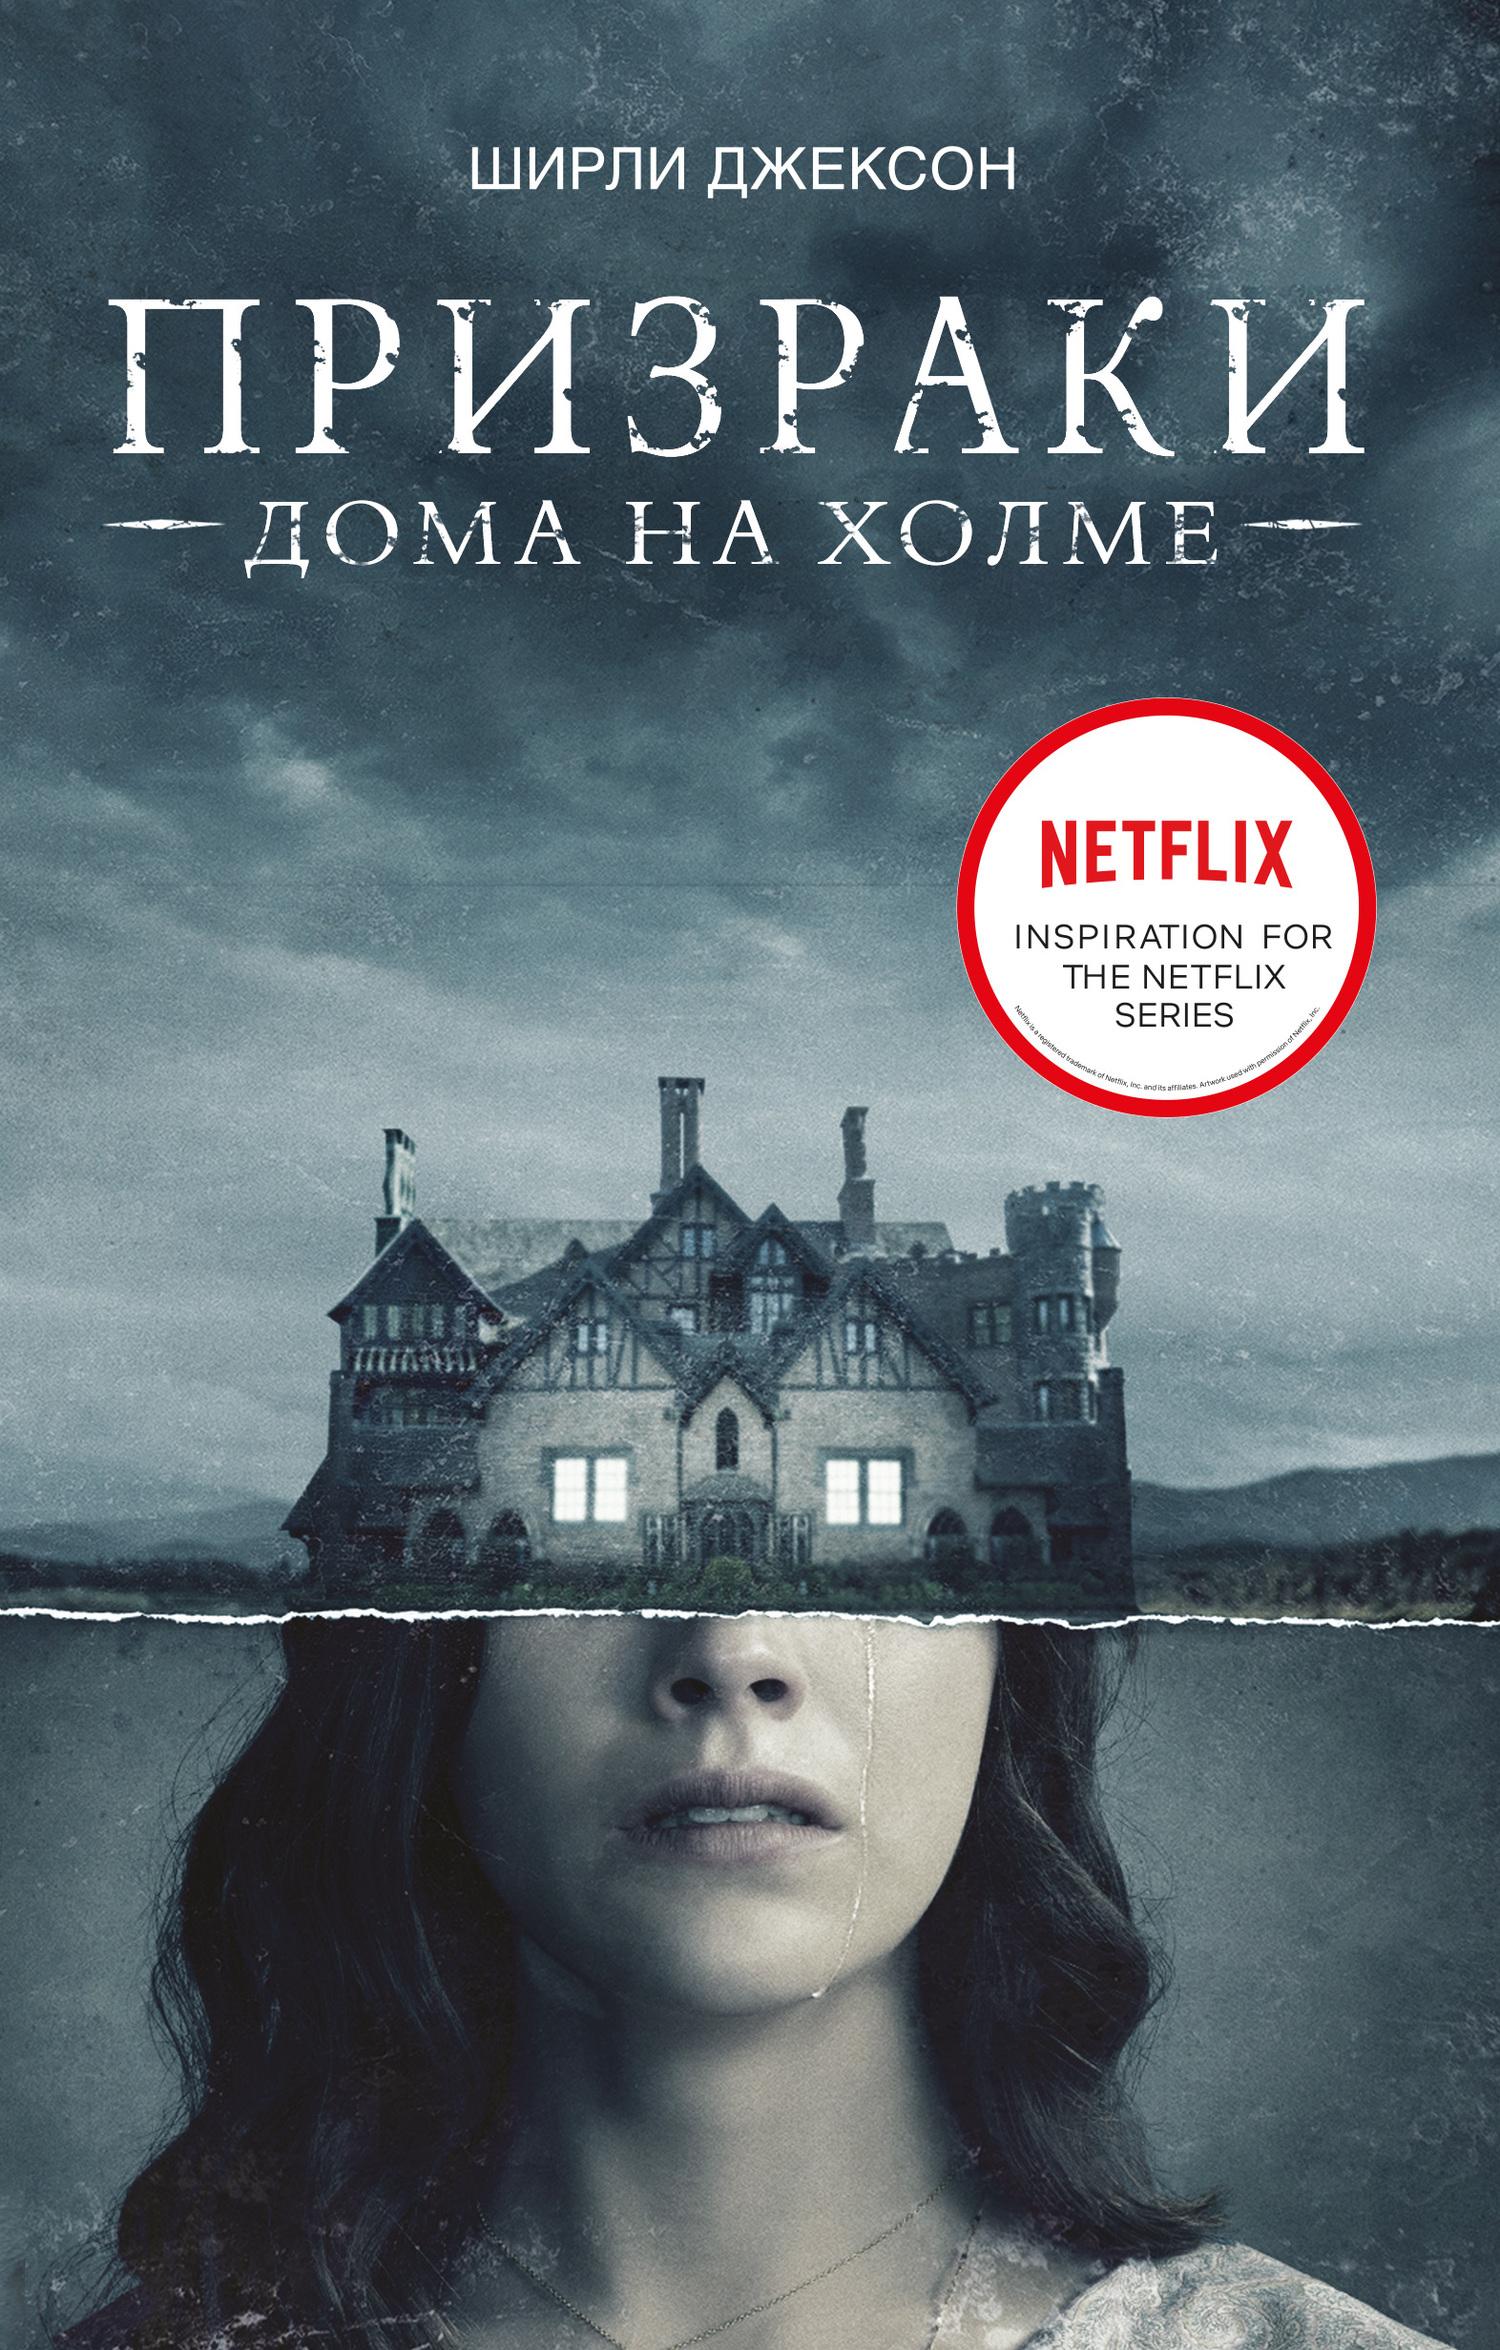 Призрак дома на холме. Мы живем в замке